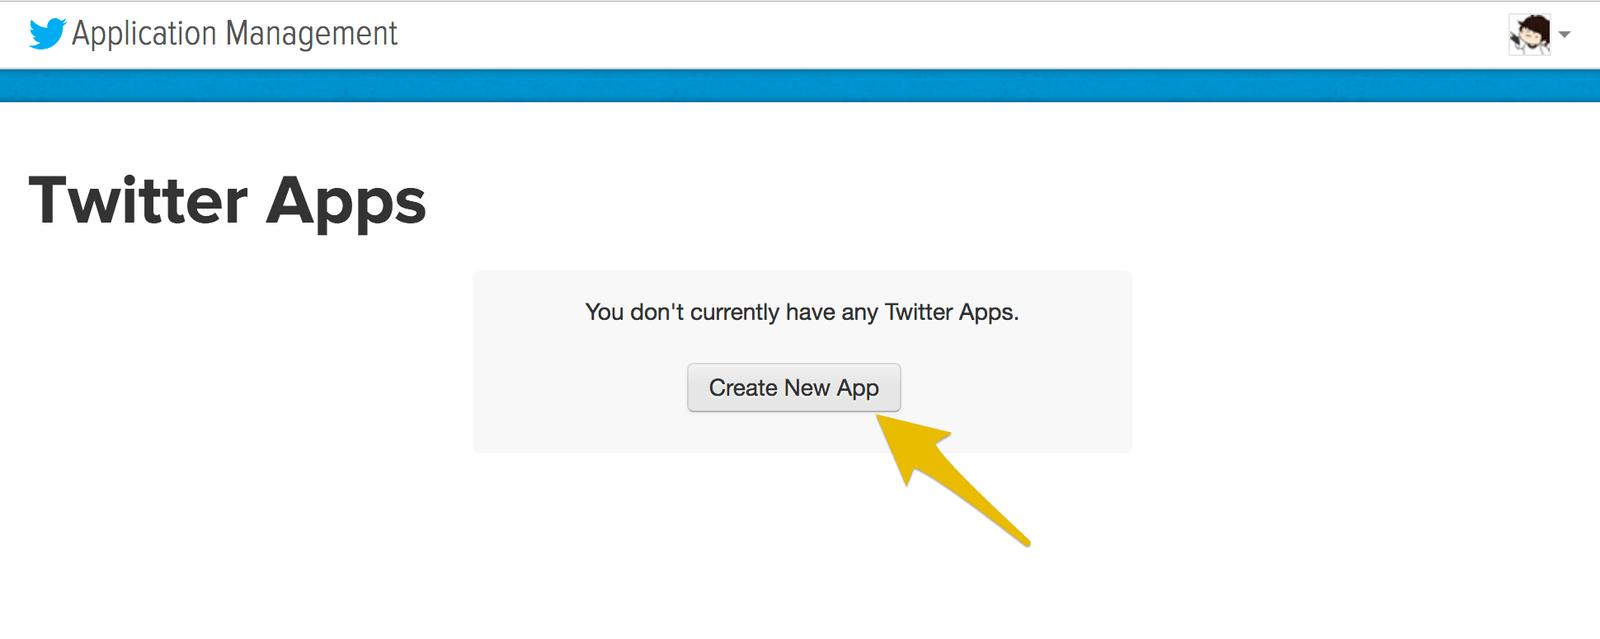 Twitterアプリケーションの作成を始めます